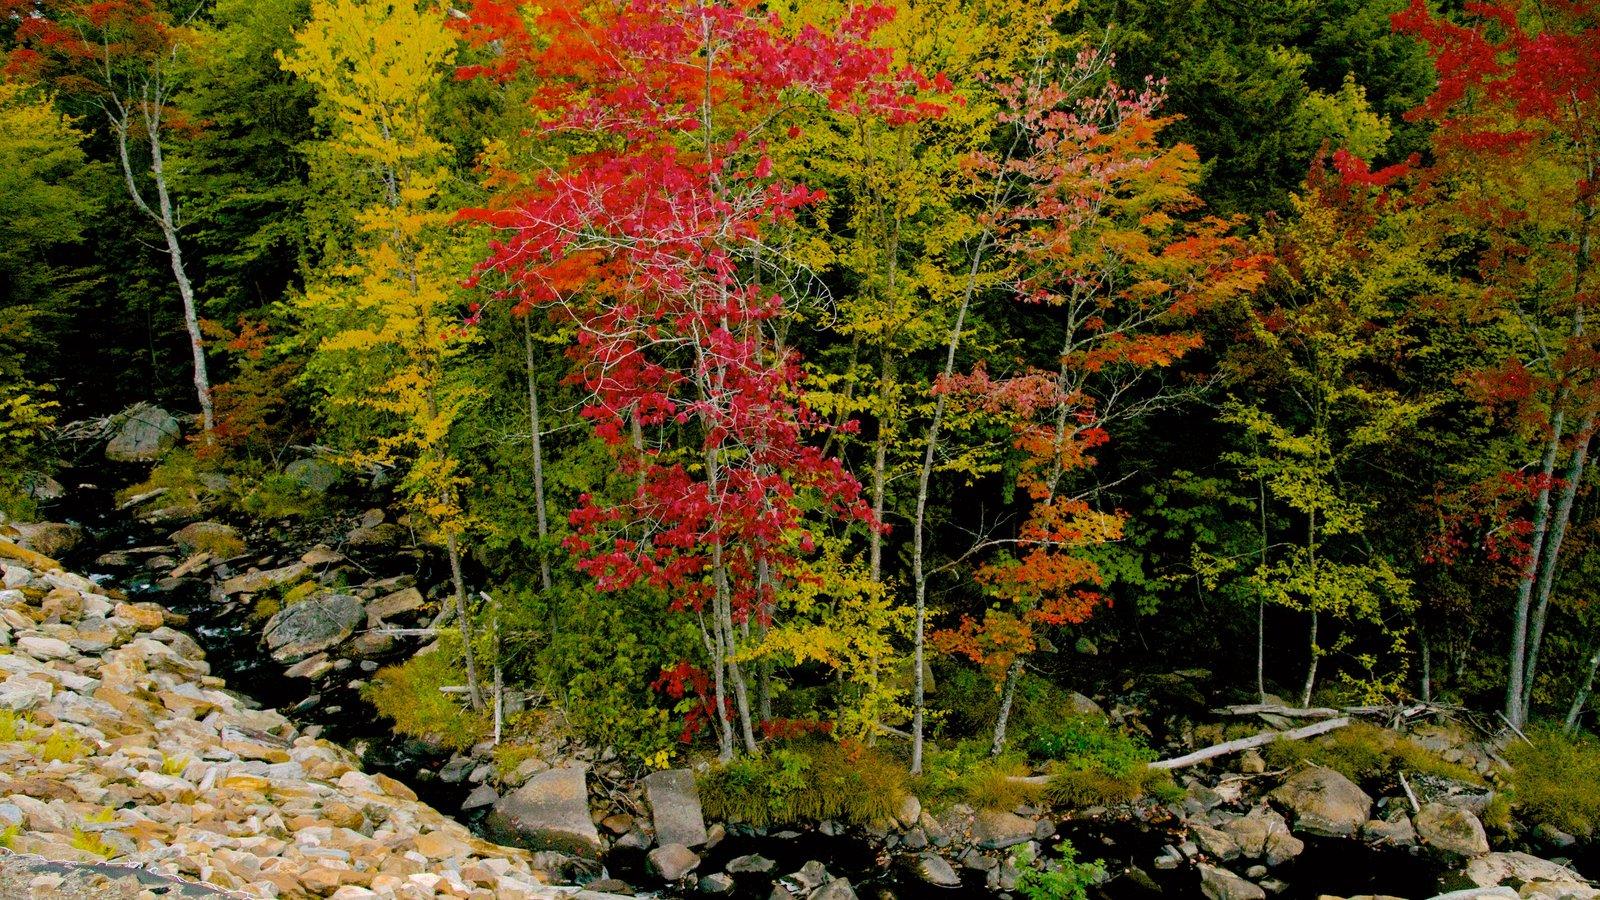 Maine ofreciendo escenas forestales, un río o arroyo y los colores del otoño